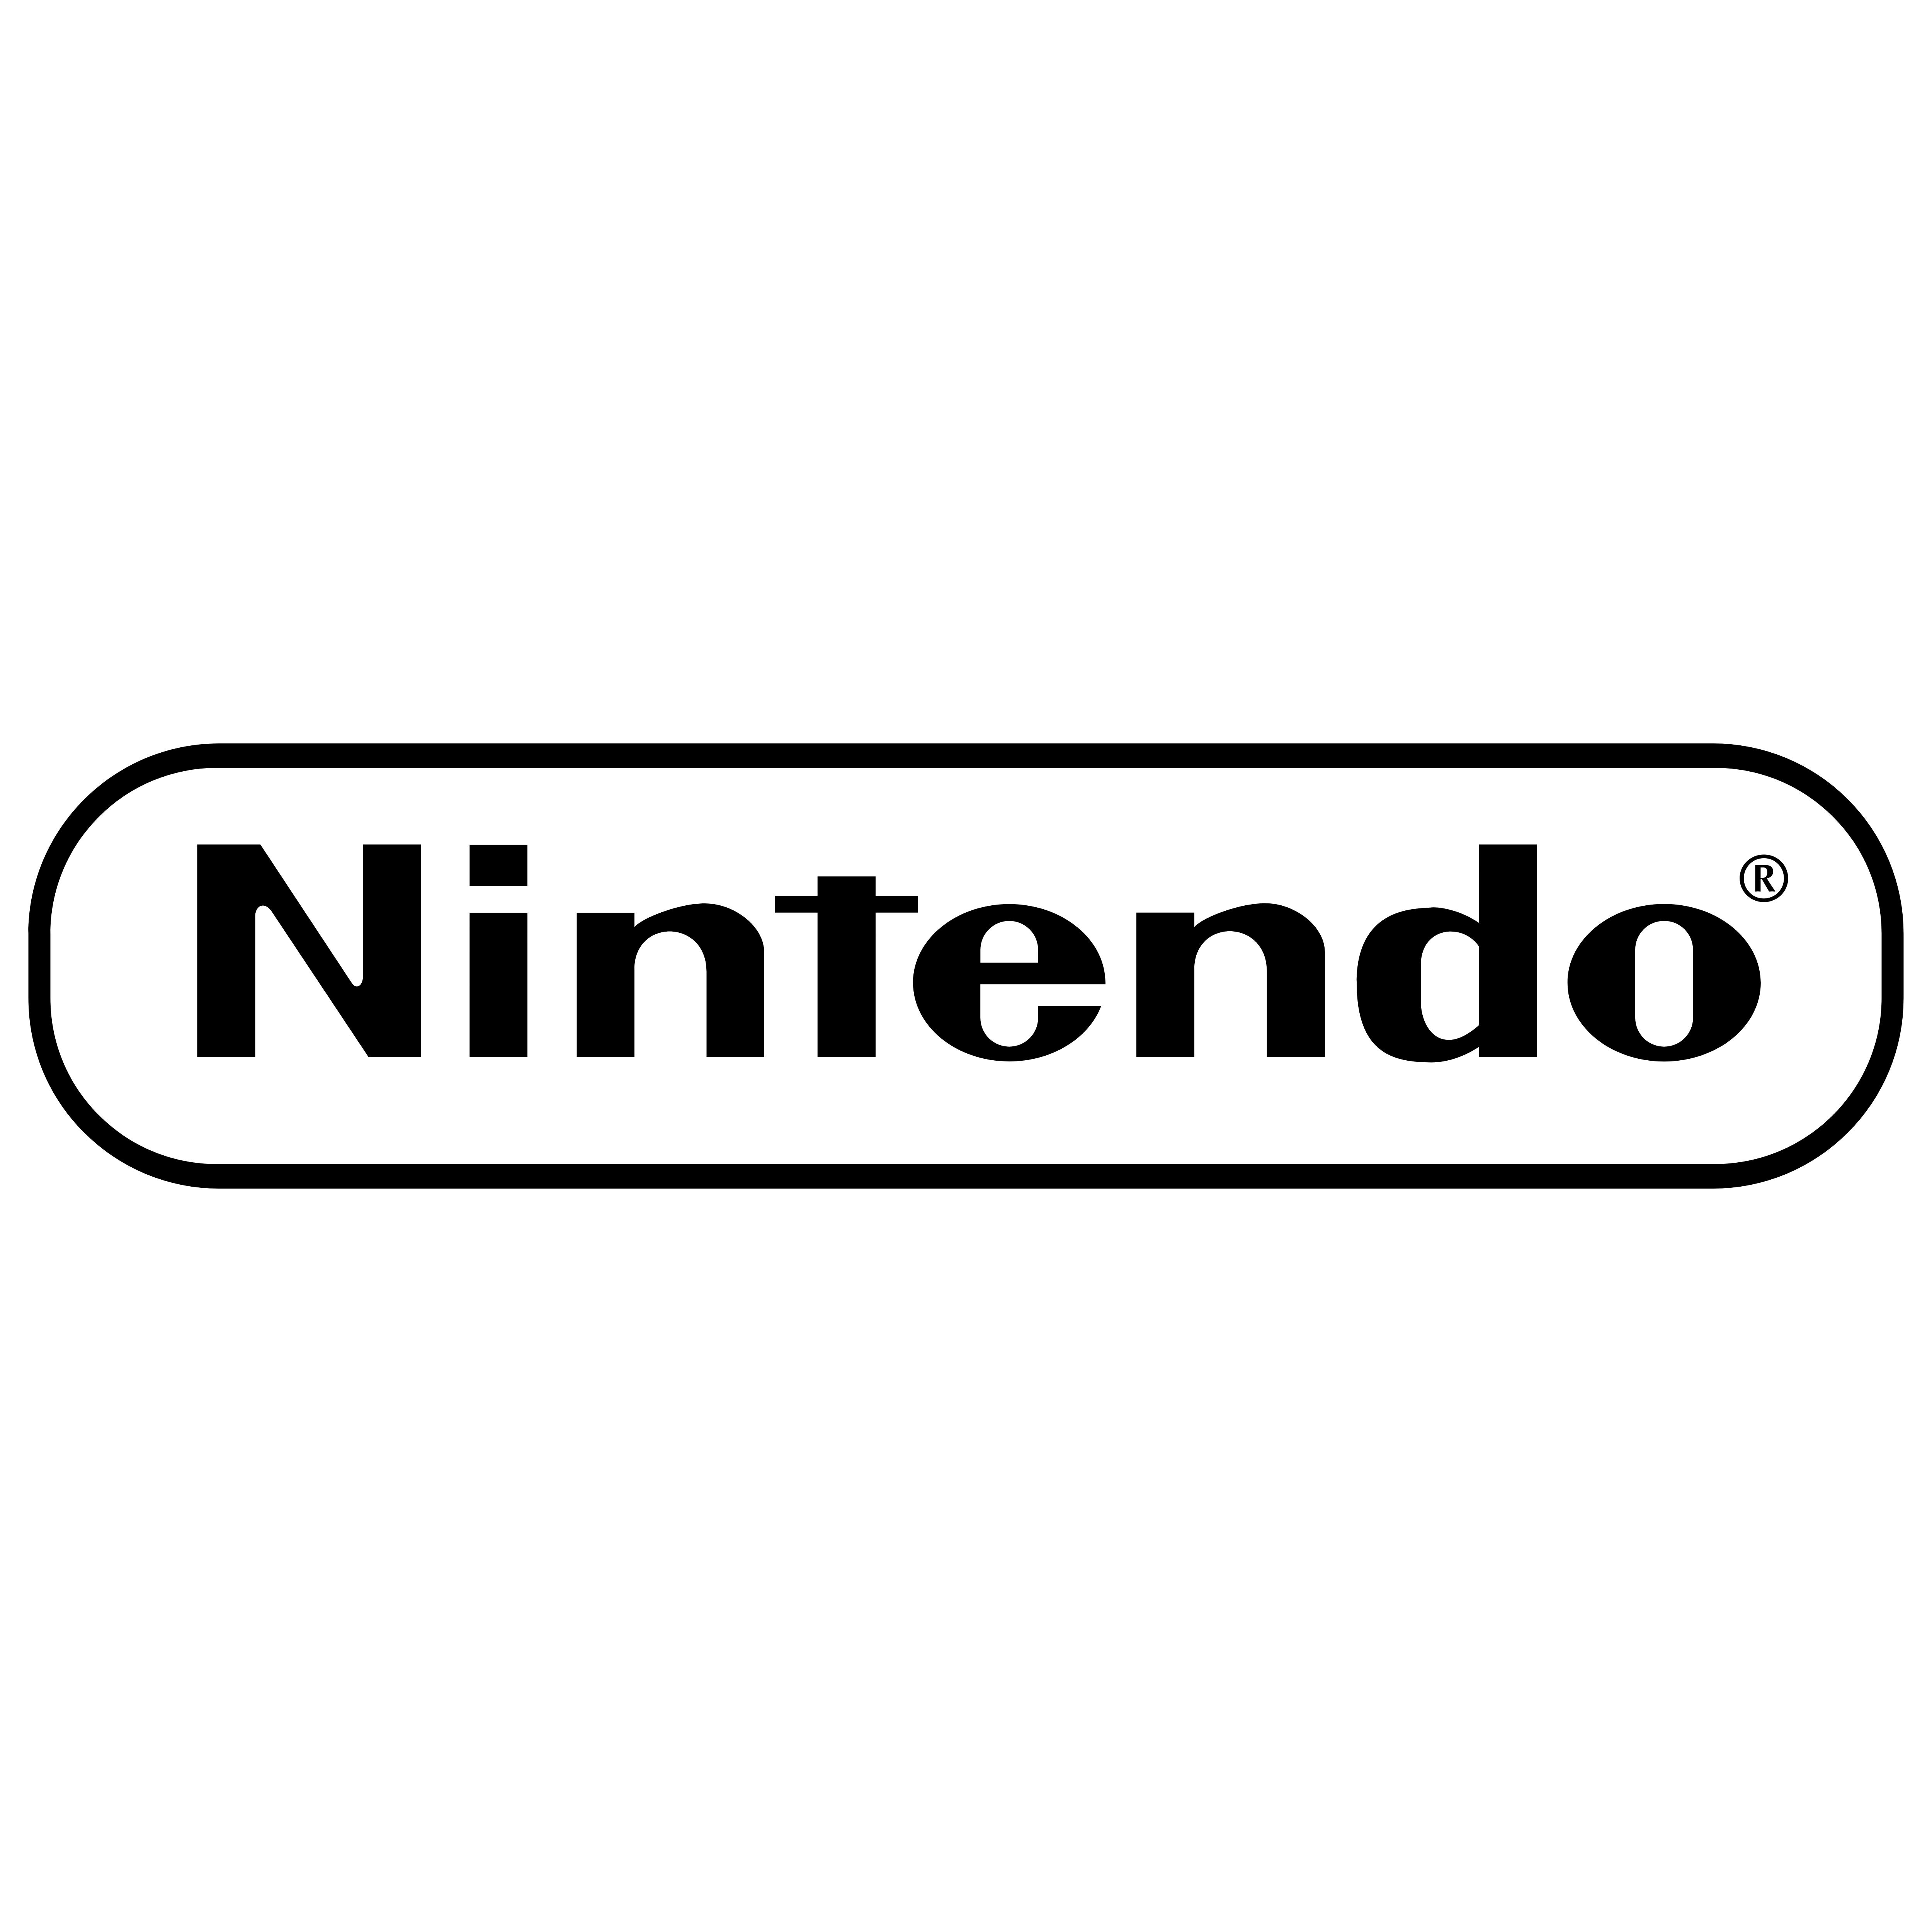 nintendo  u2013 logos download